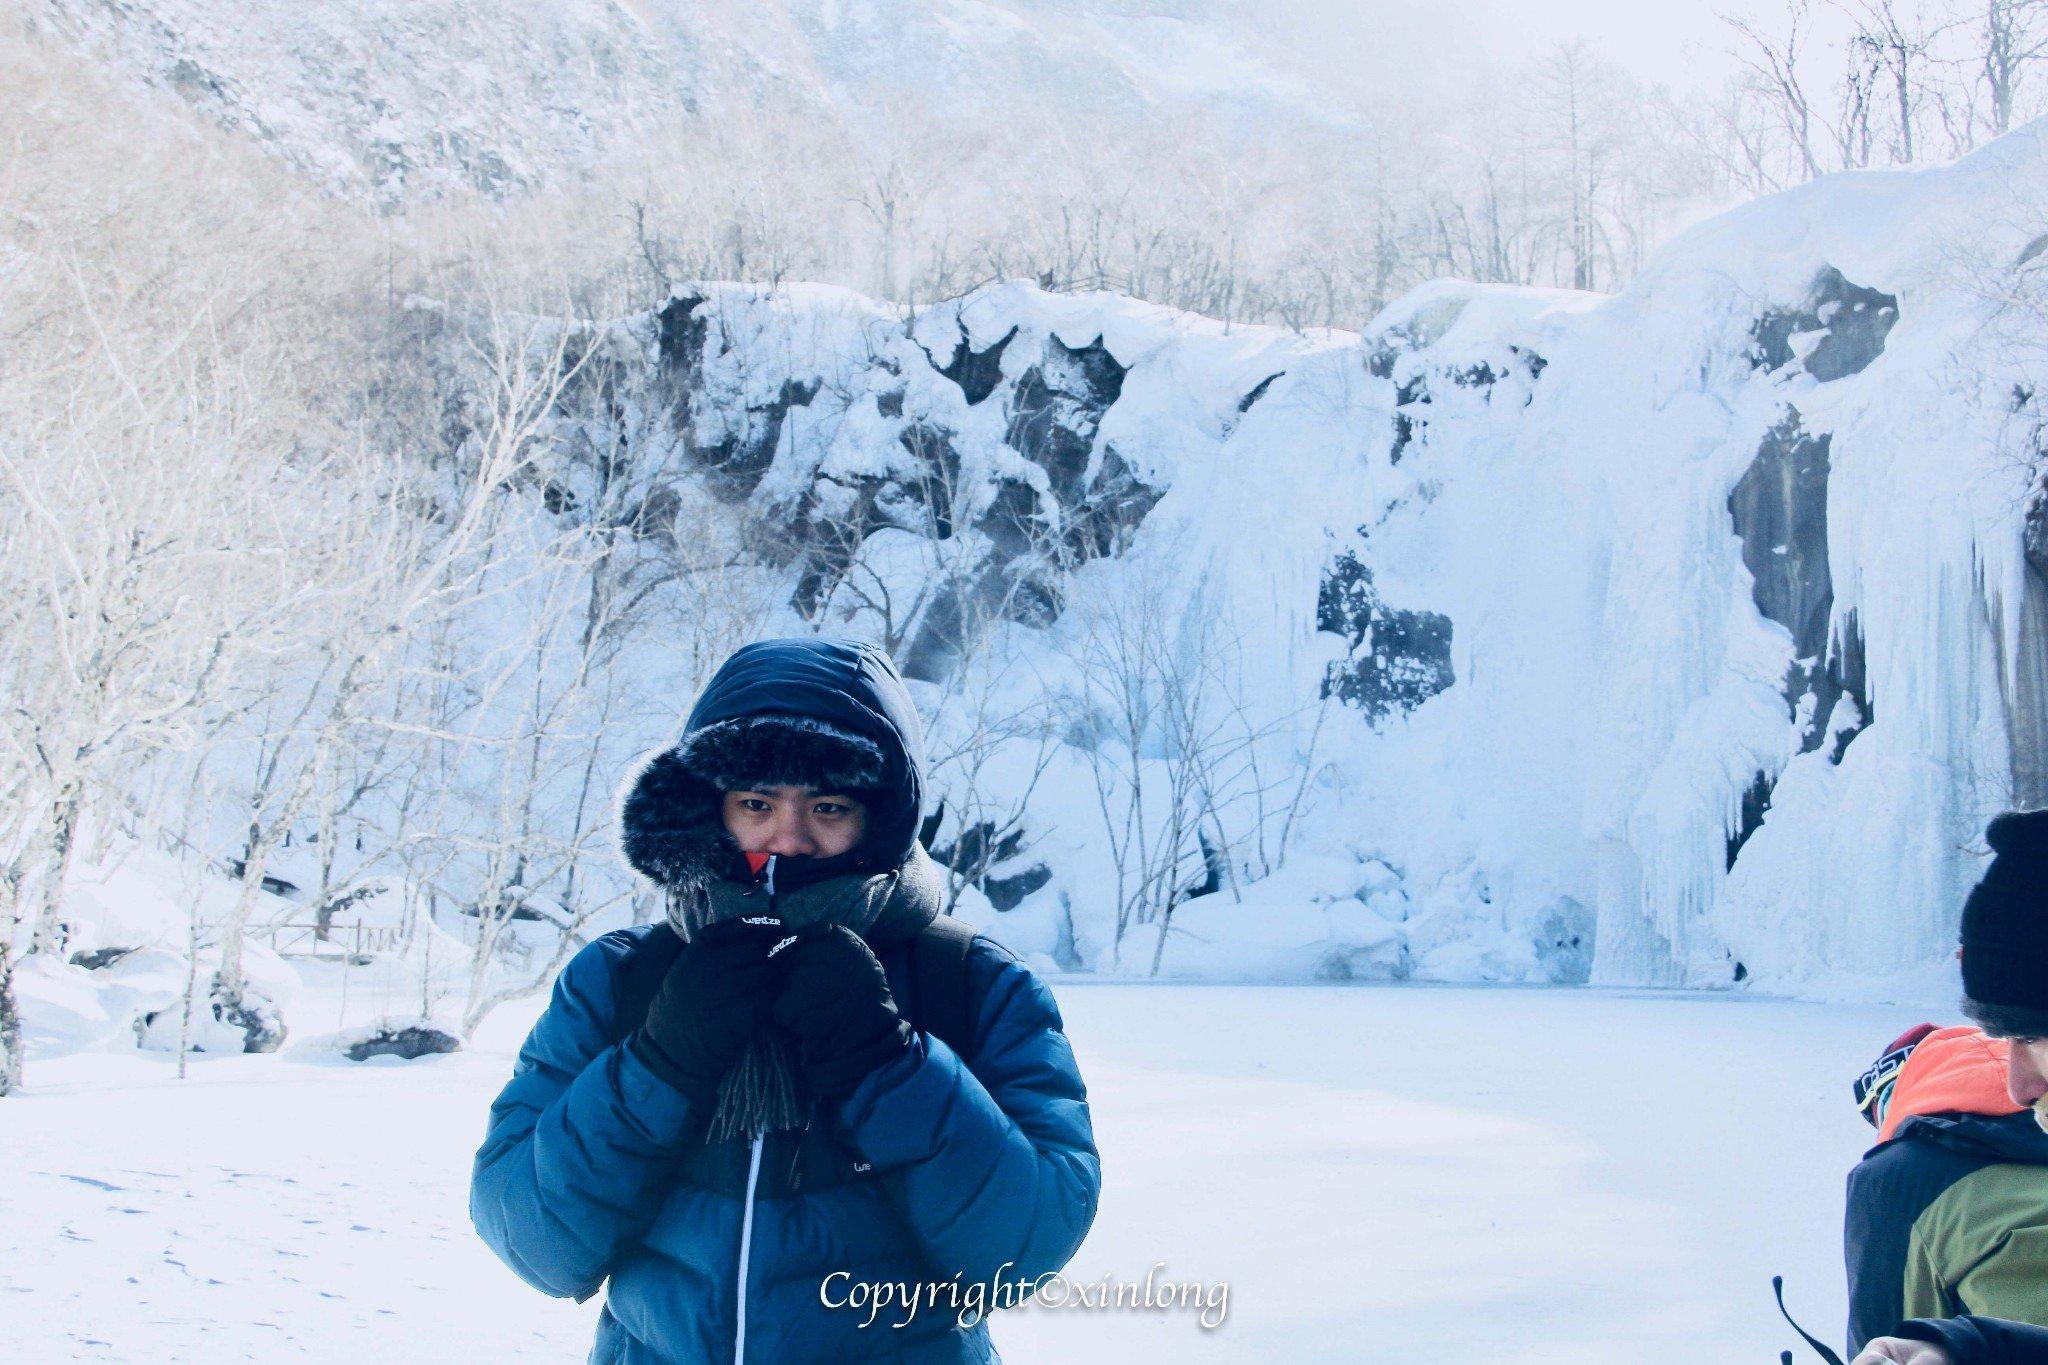 如画长白山,冰蓝镜泊湖,雪松王国老里克湖,童话雪乡,感受零下四十度的刺骨严寒